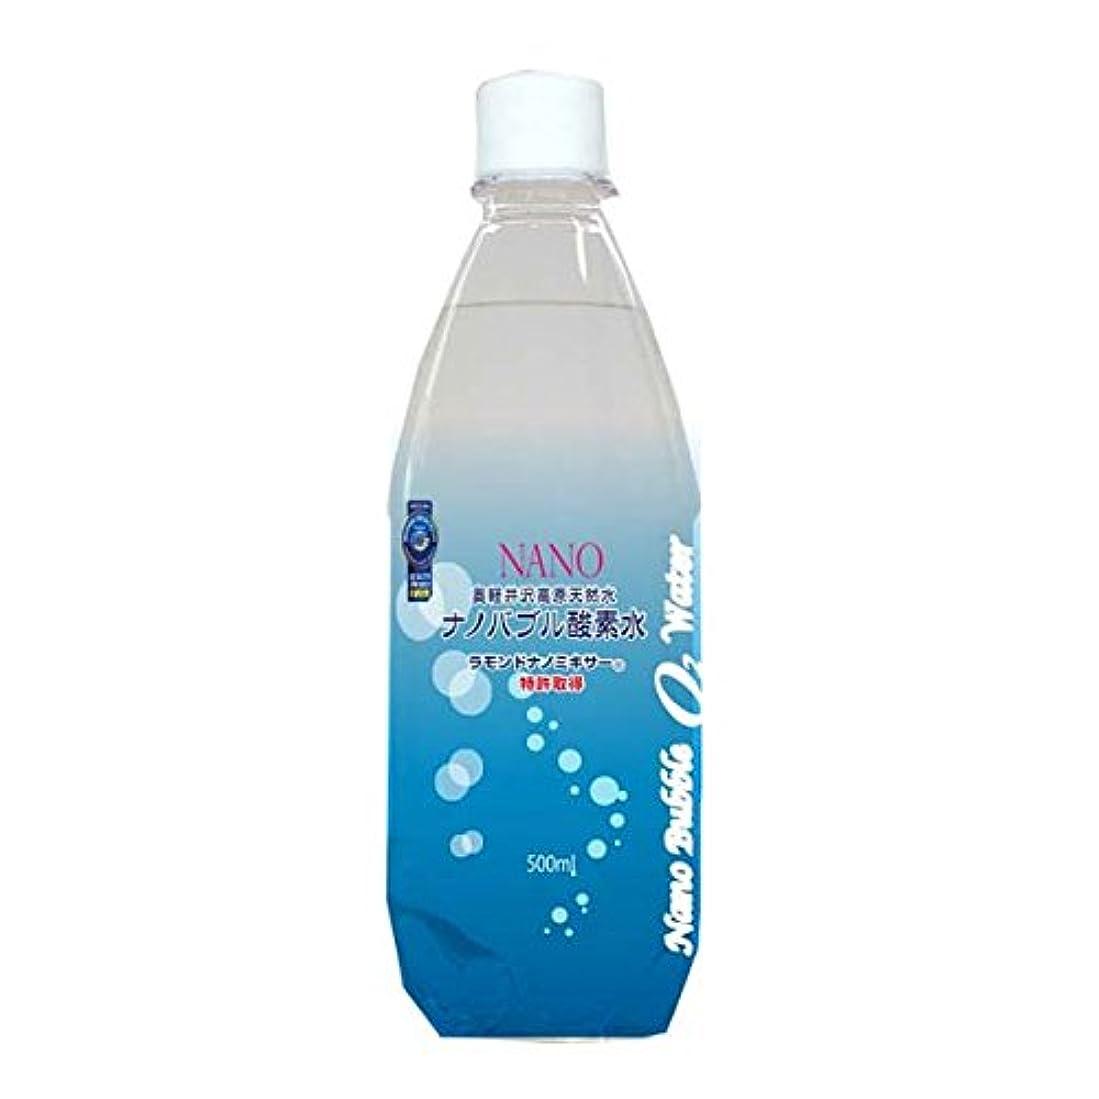 旅客嵐の溶岩【嬬恋銘水】ナノバブル酸素水 ペットボトル 500ml